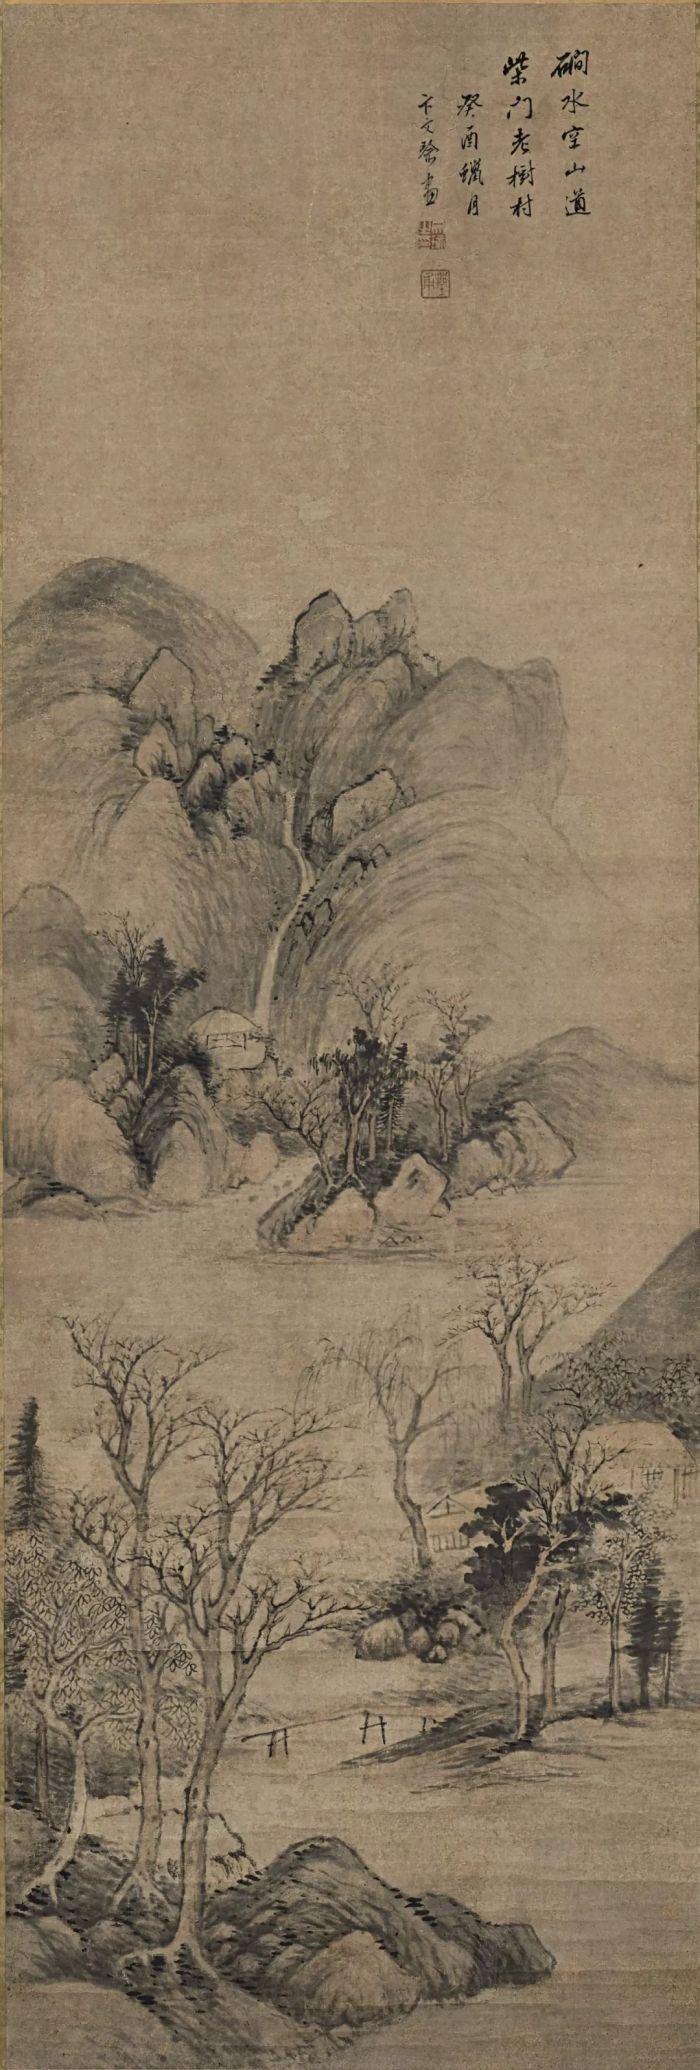 古代笔墨风景图片